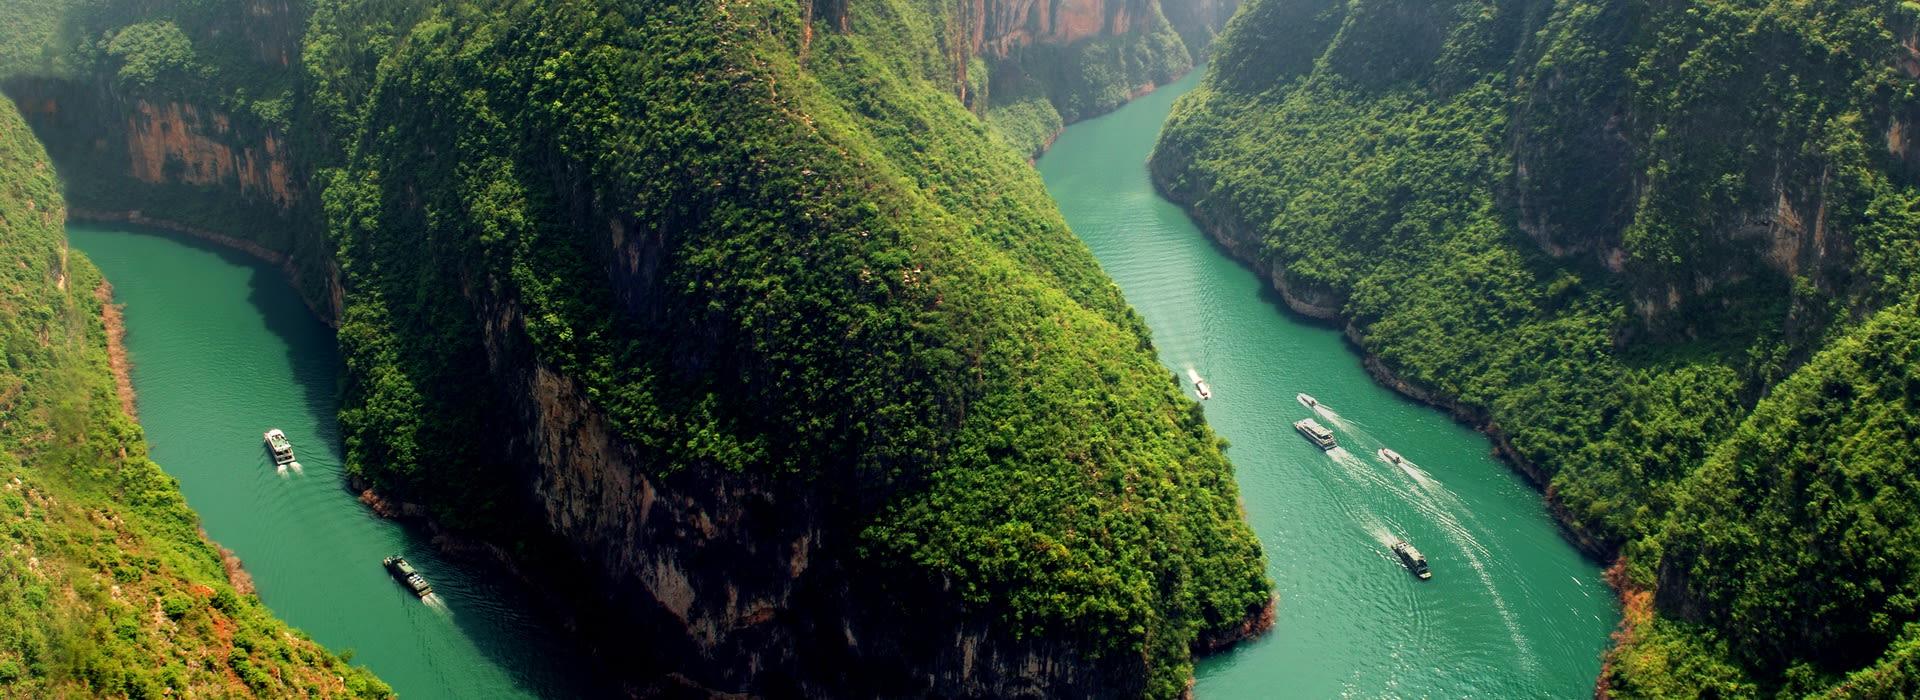 Globotours China And Yangtze River Cruise Tour I Globotouors